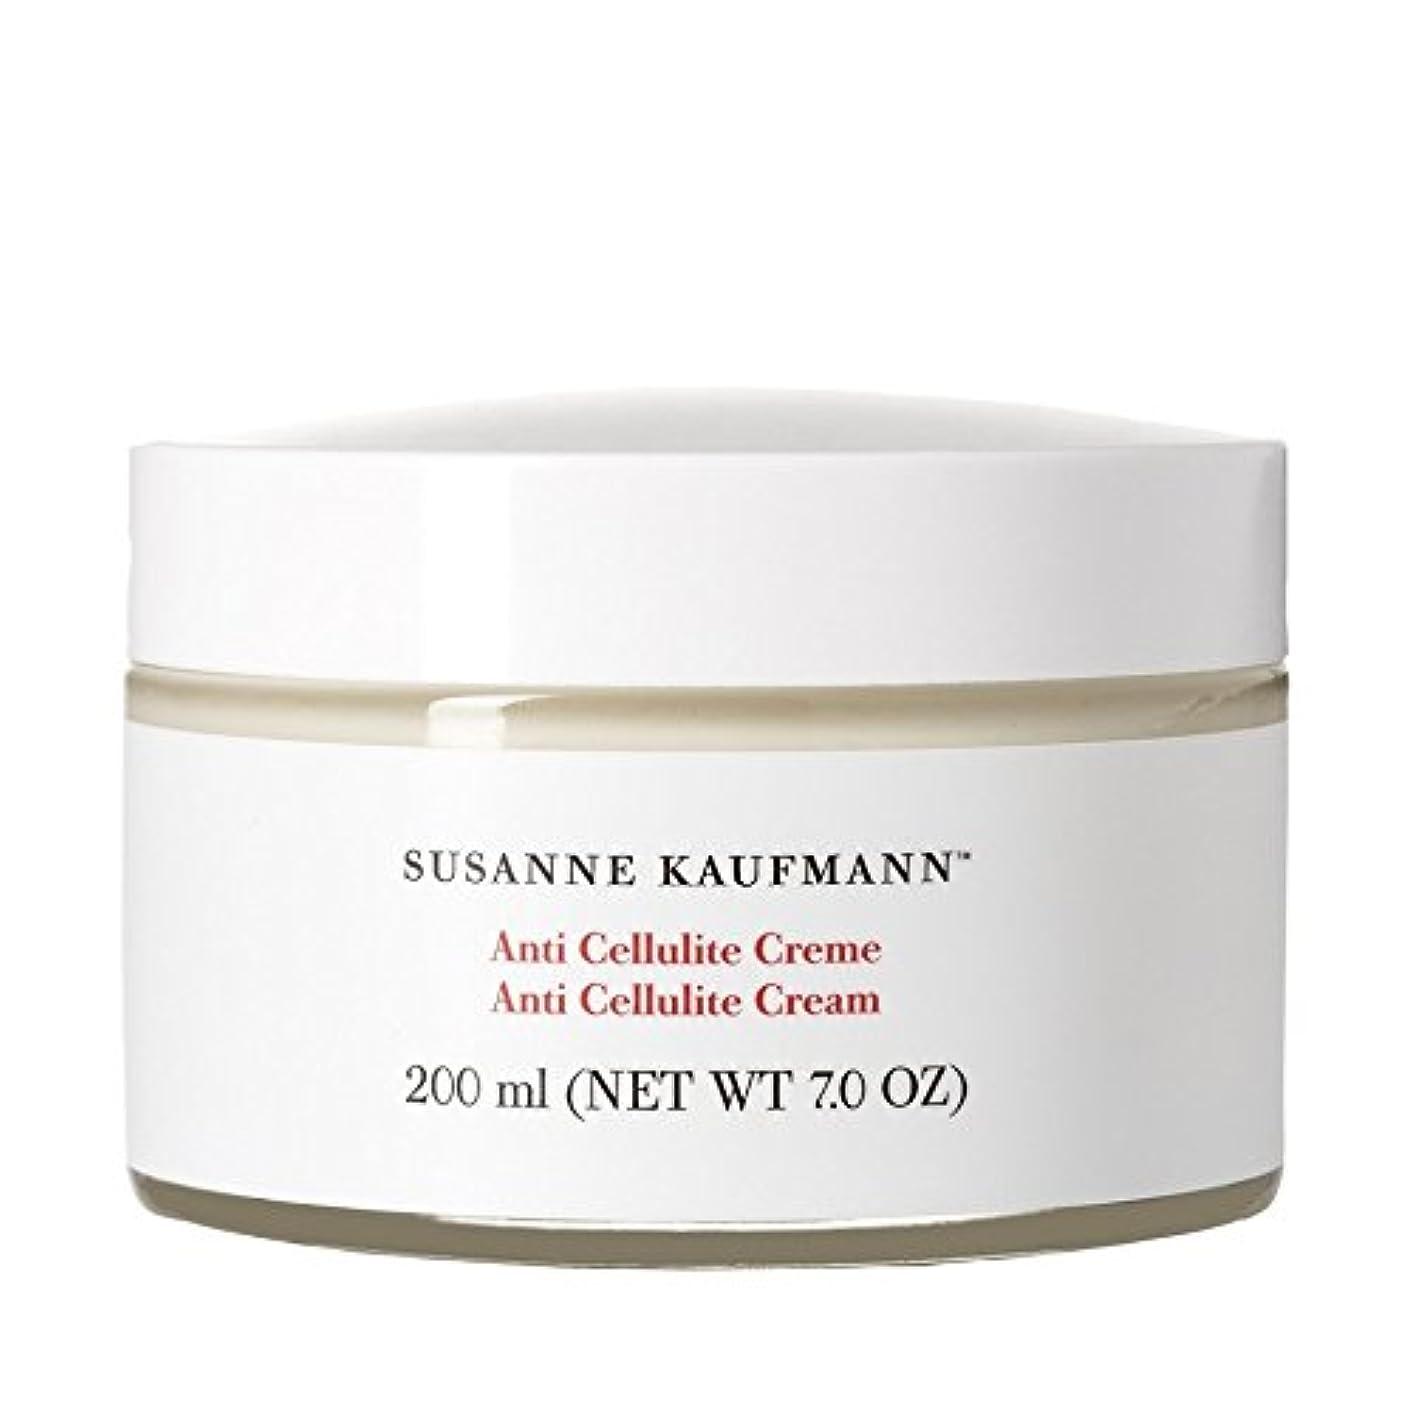 パステル三角形甲虫Susanne Kaufmann Anti Cellulite Cream 200ml (Pack of 6) - スザンヌカウフマン抗セルライトクリーム200ミリリットル x6 [並行輸入品]